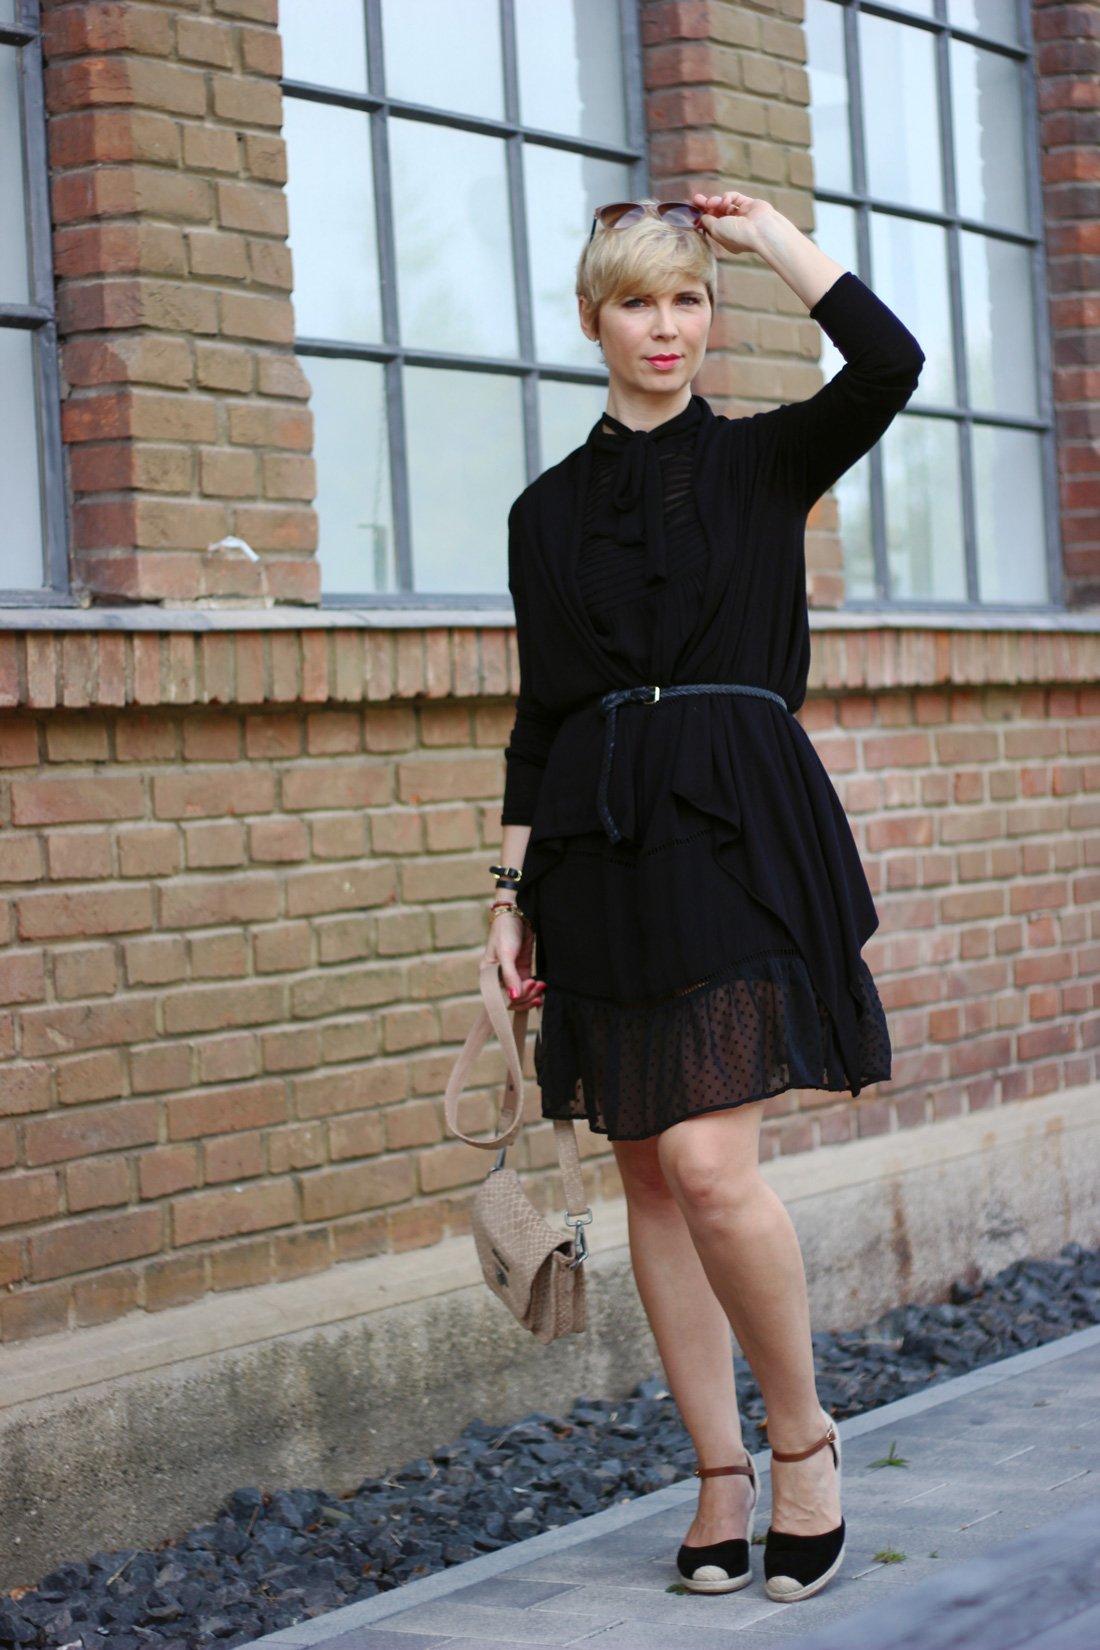 conny doll lifestyle: Sommerkleid für den Übergang kombiniert, schwarzes Kleid, Keilsandale, Herbstlook,